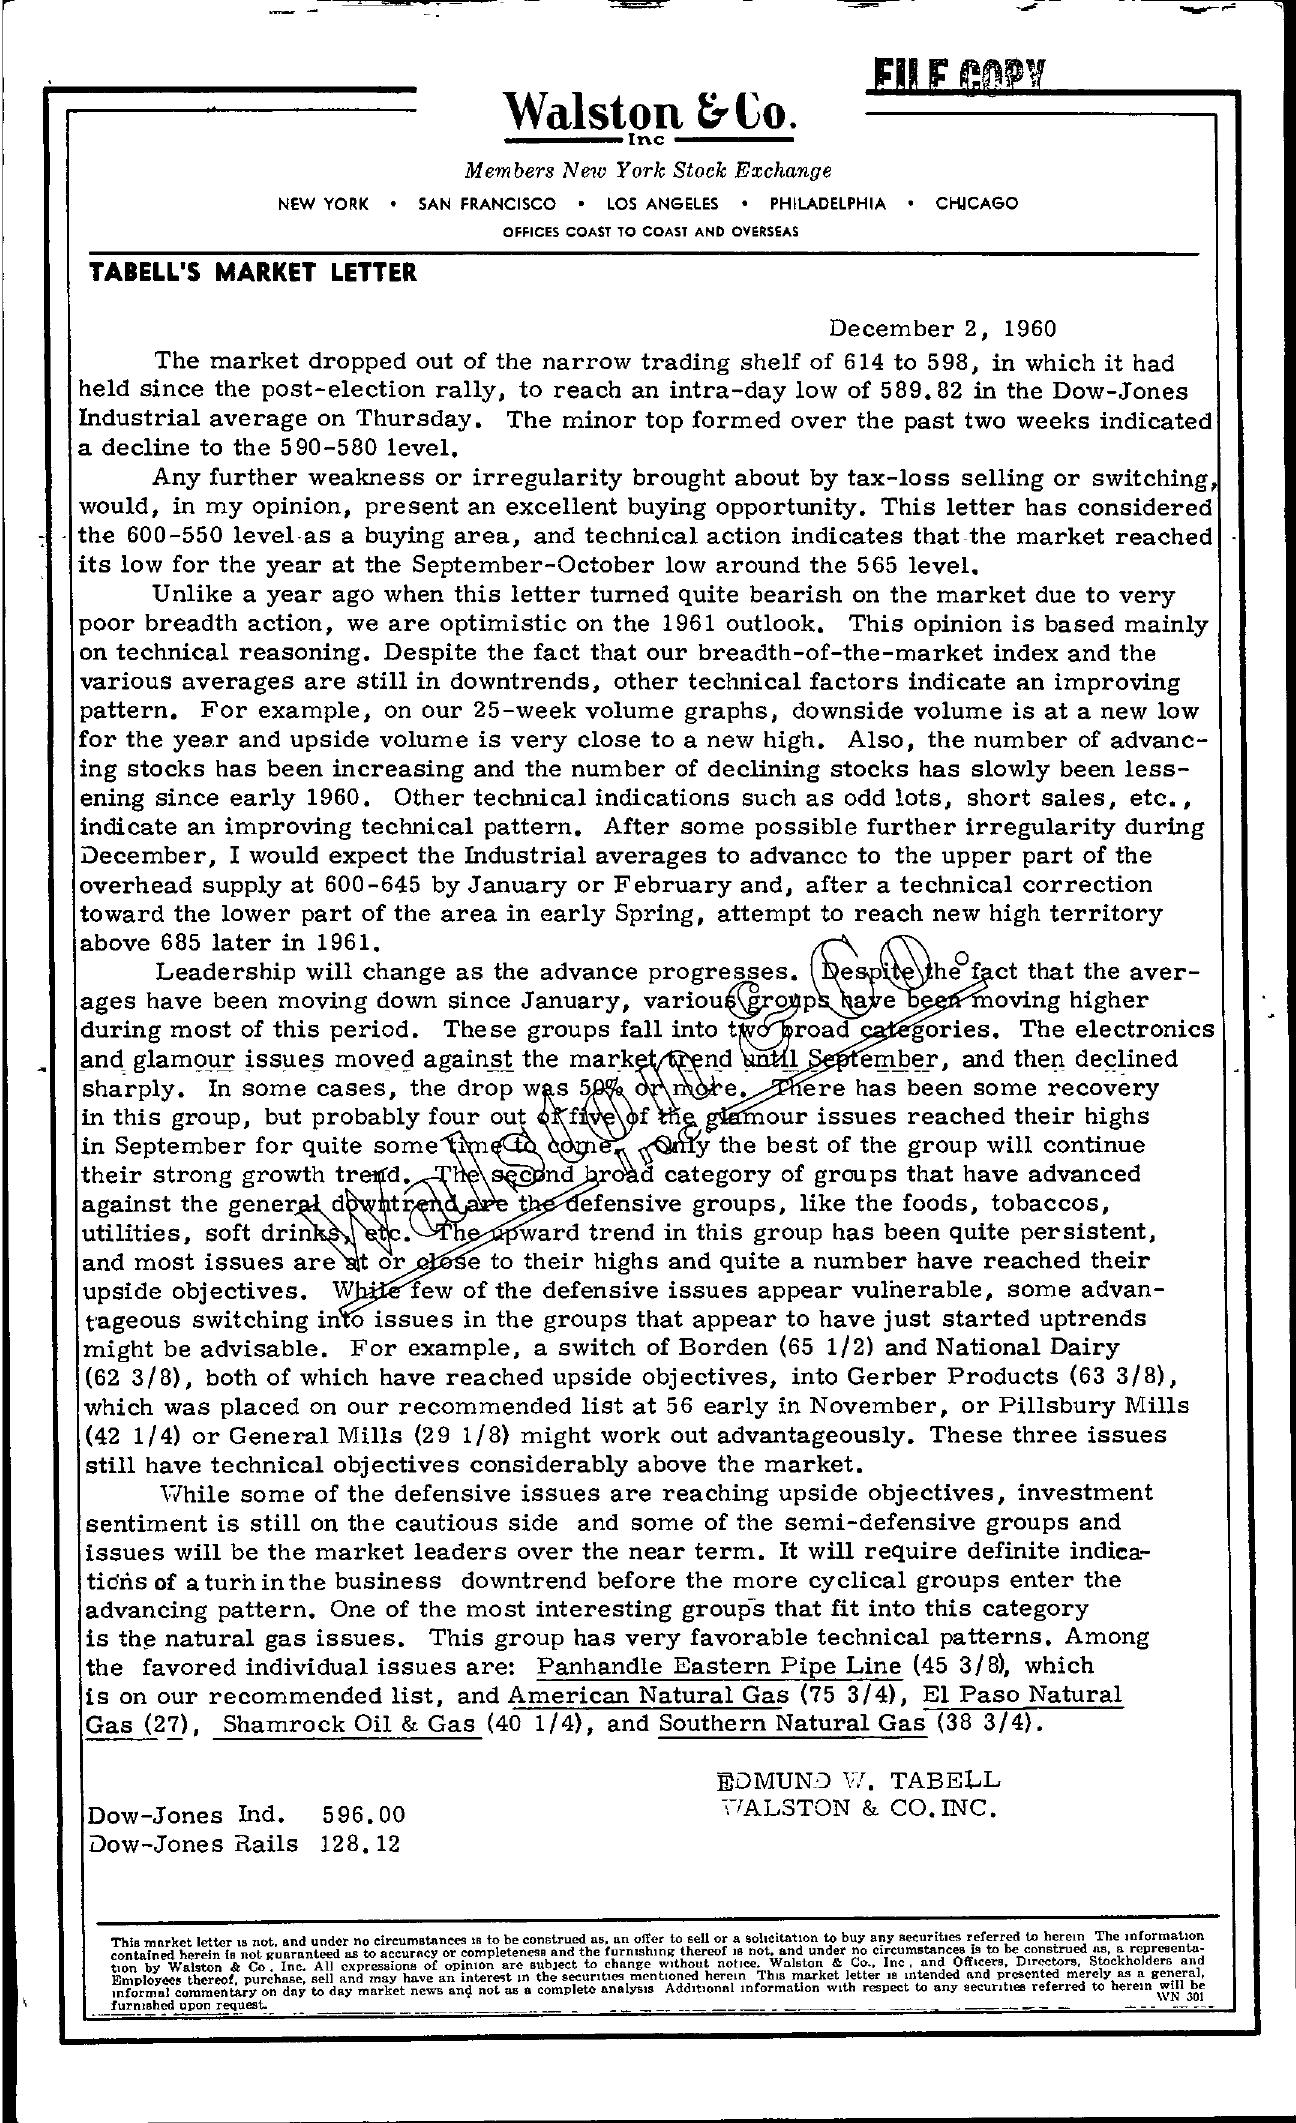 Tabell's Market Letter - December 02, 1960